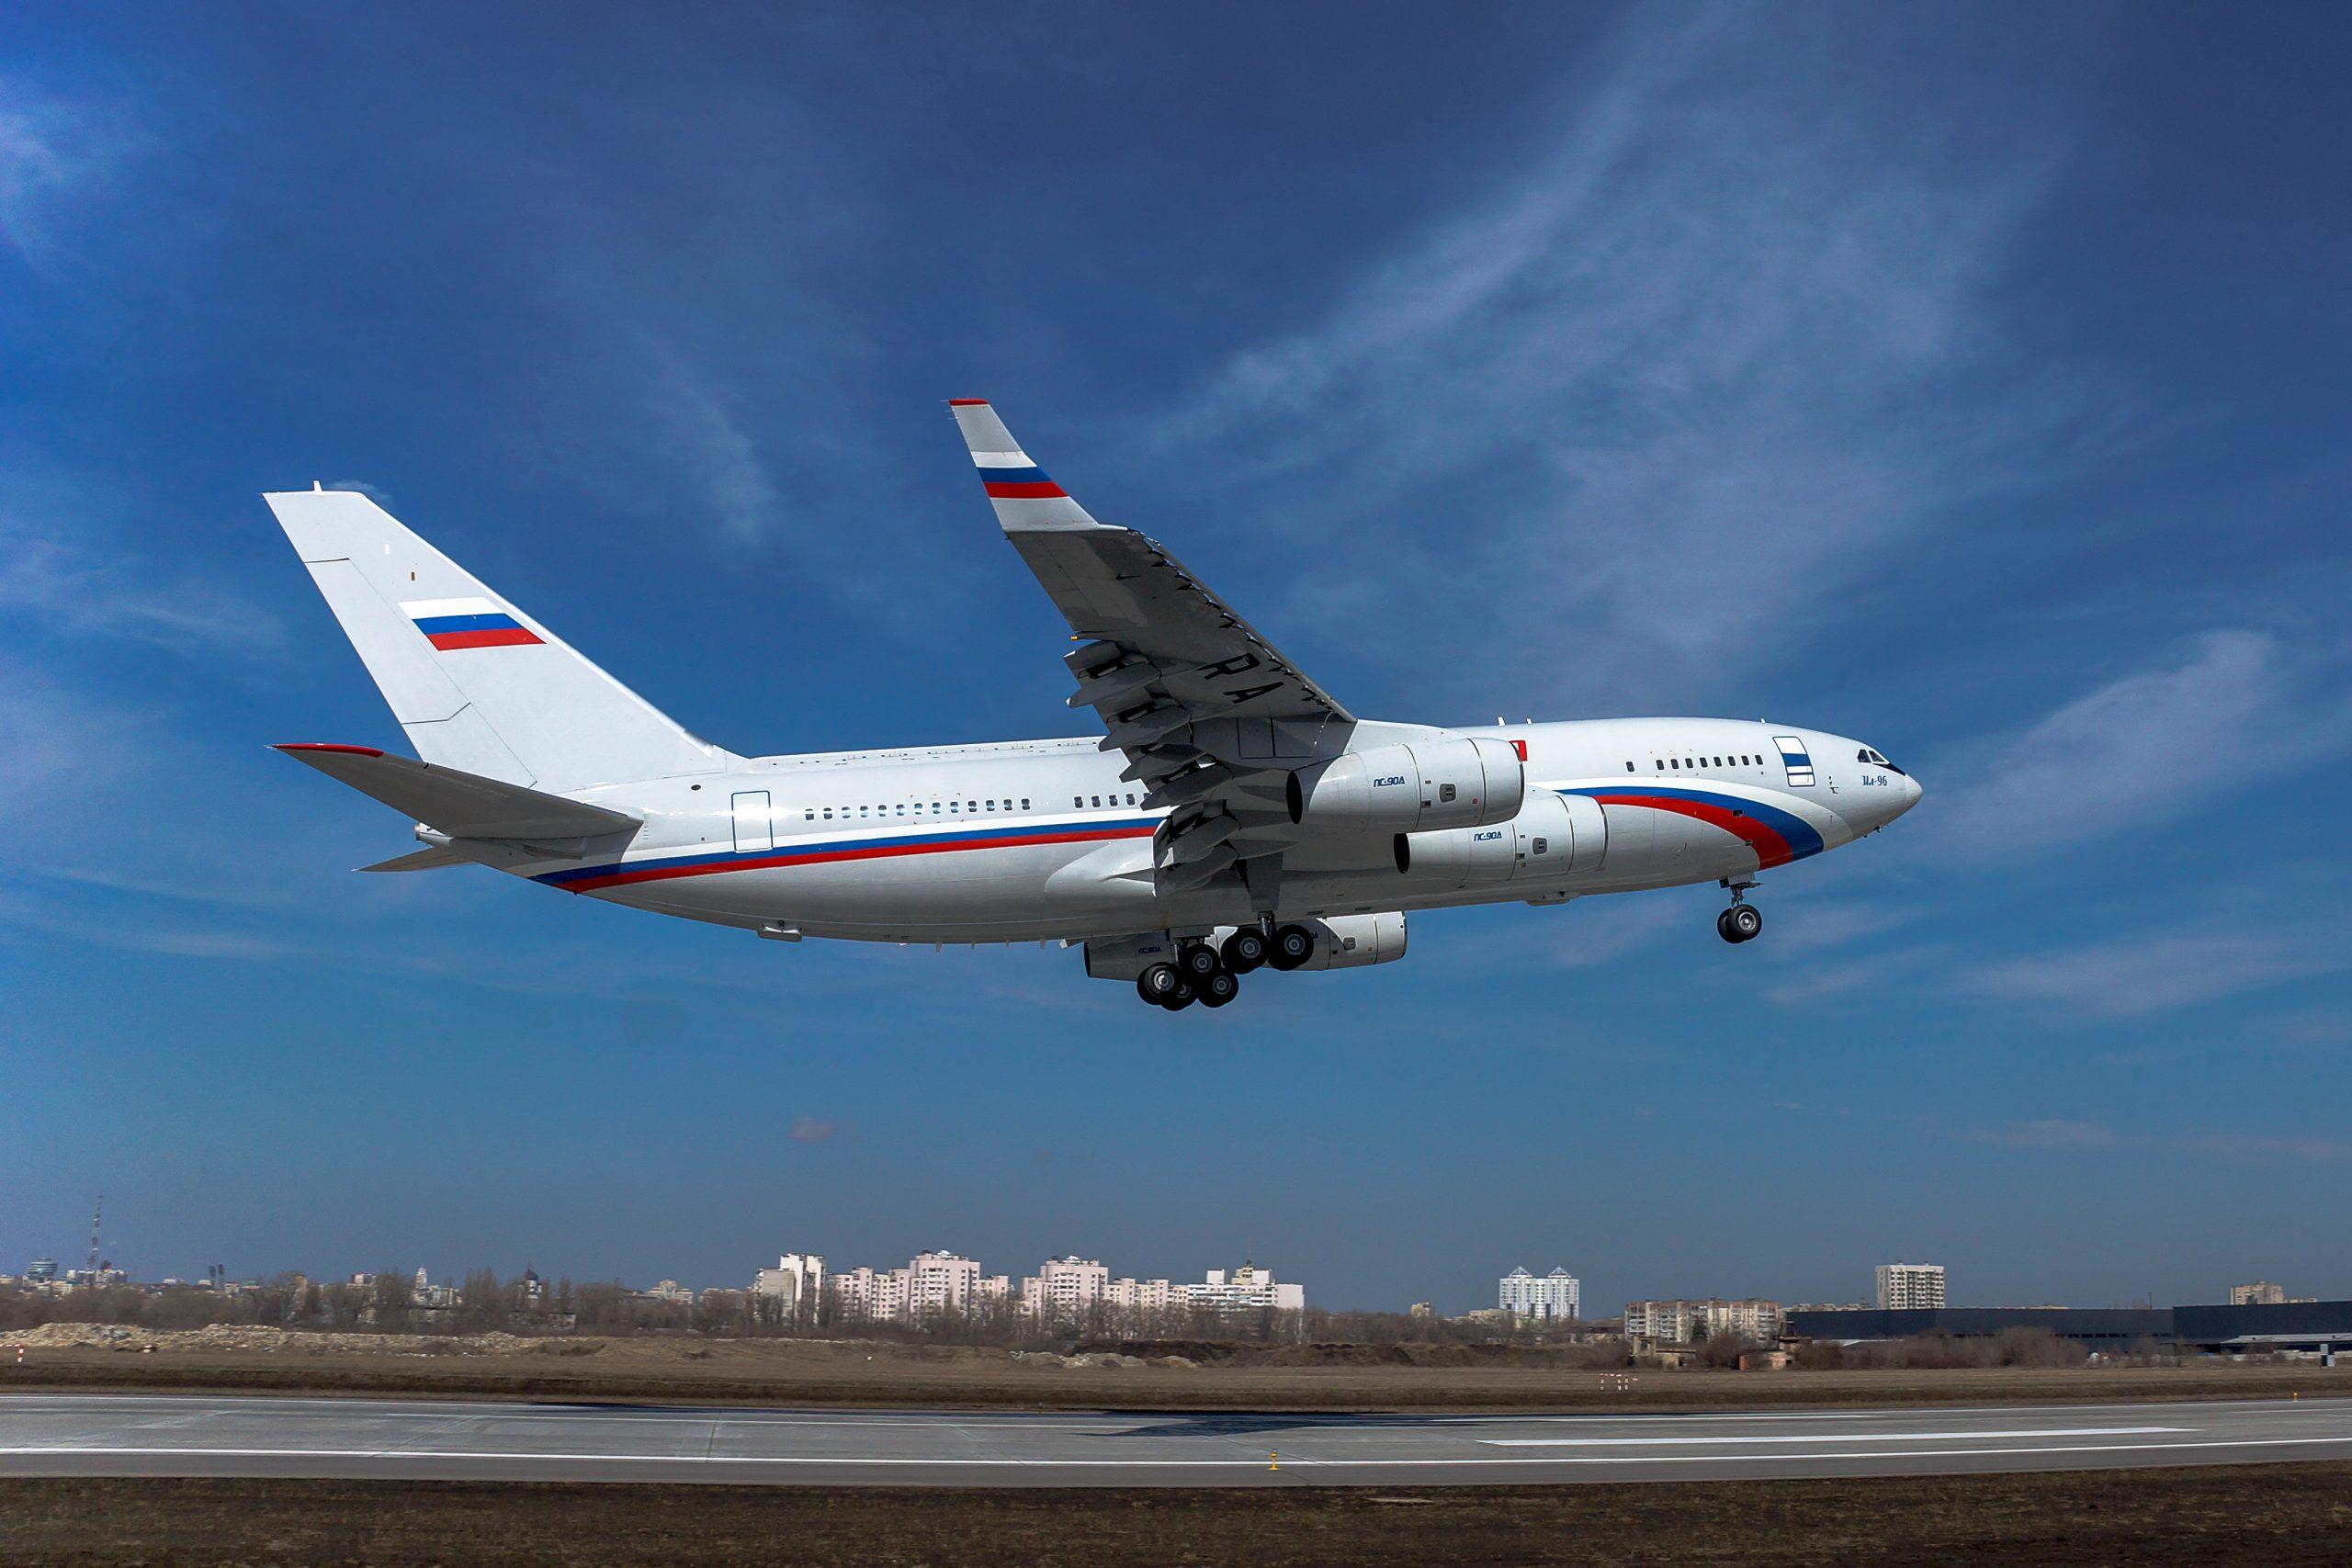 Новый Ил-96-300 совершил первый испытательный полет